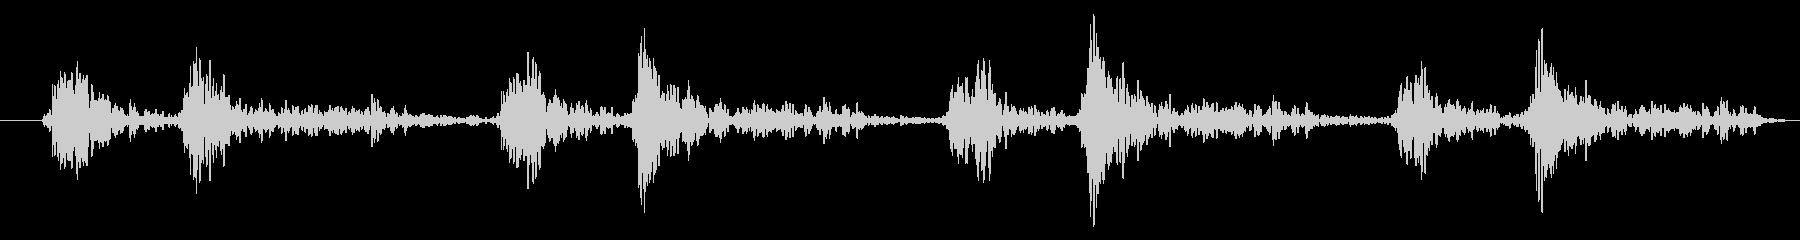 「ドクン!」心臓心拍、鼓動音ループ可能2の未再生の波形